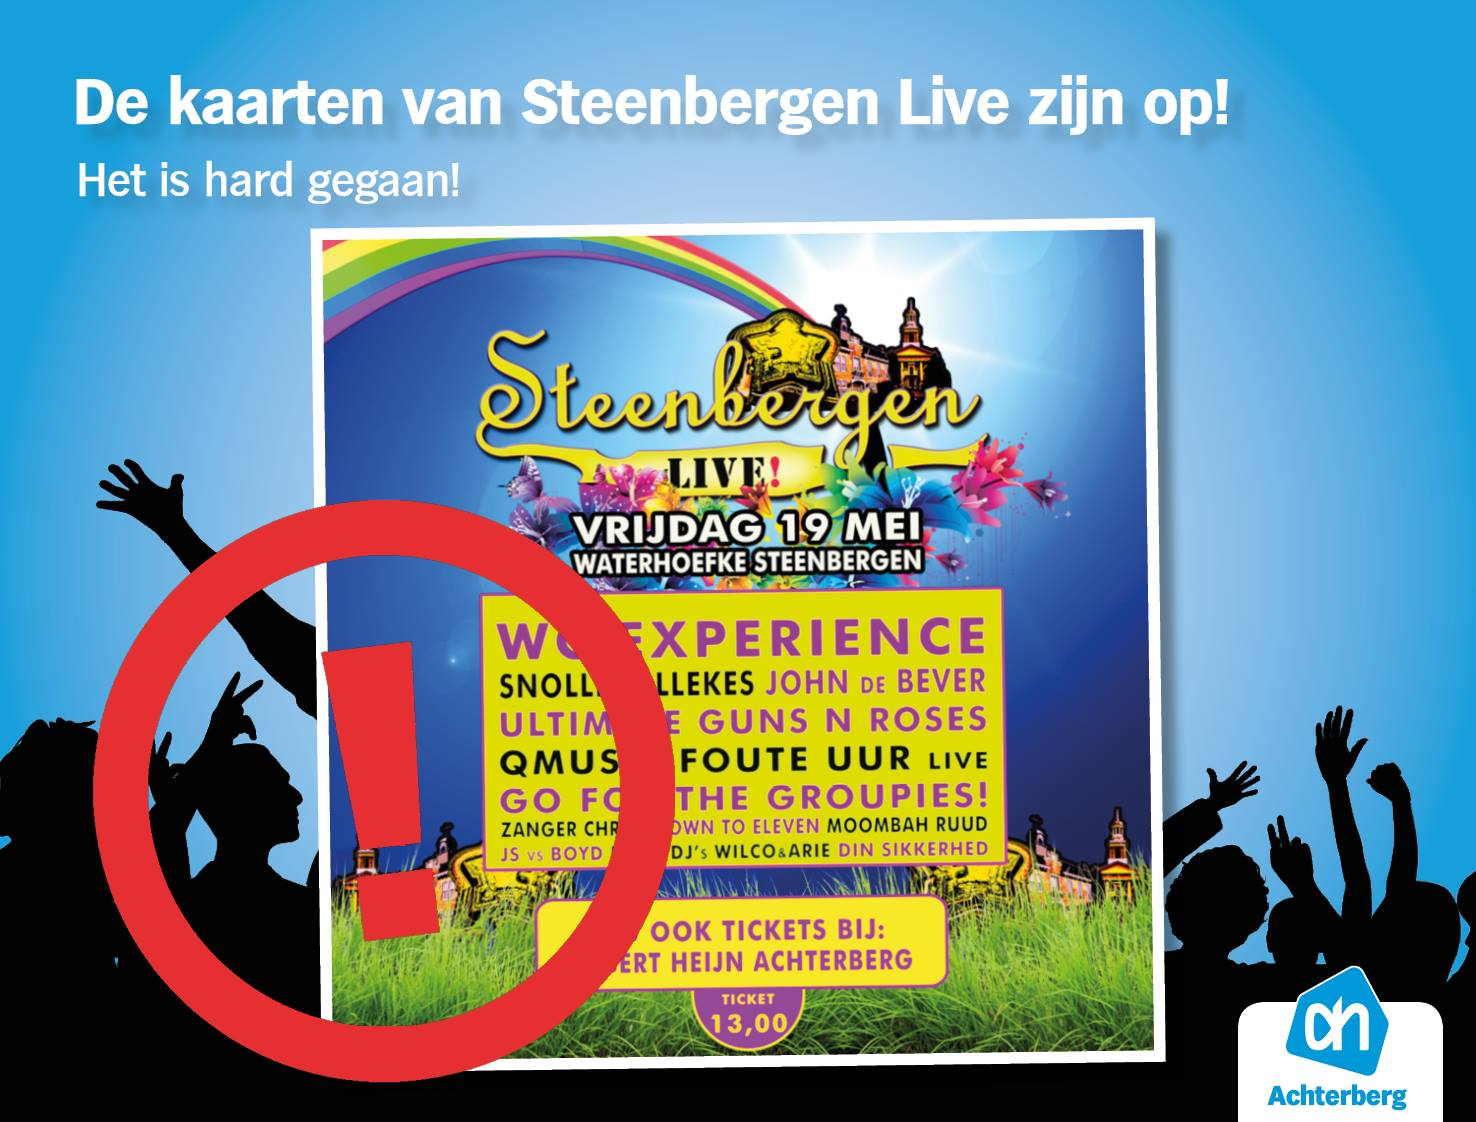 Kaarten Steenbergen Live zijn op